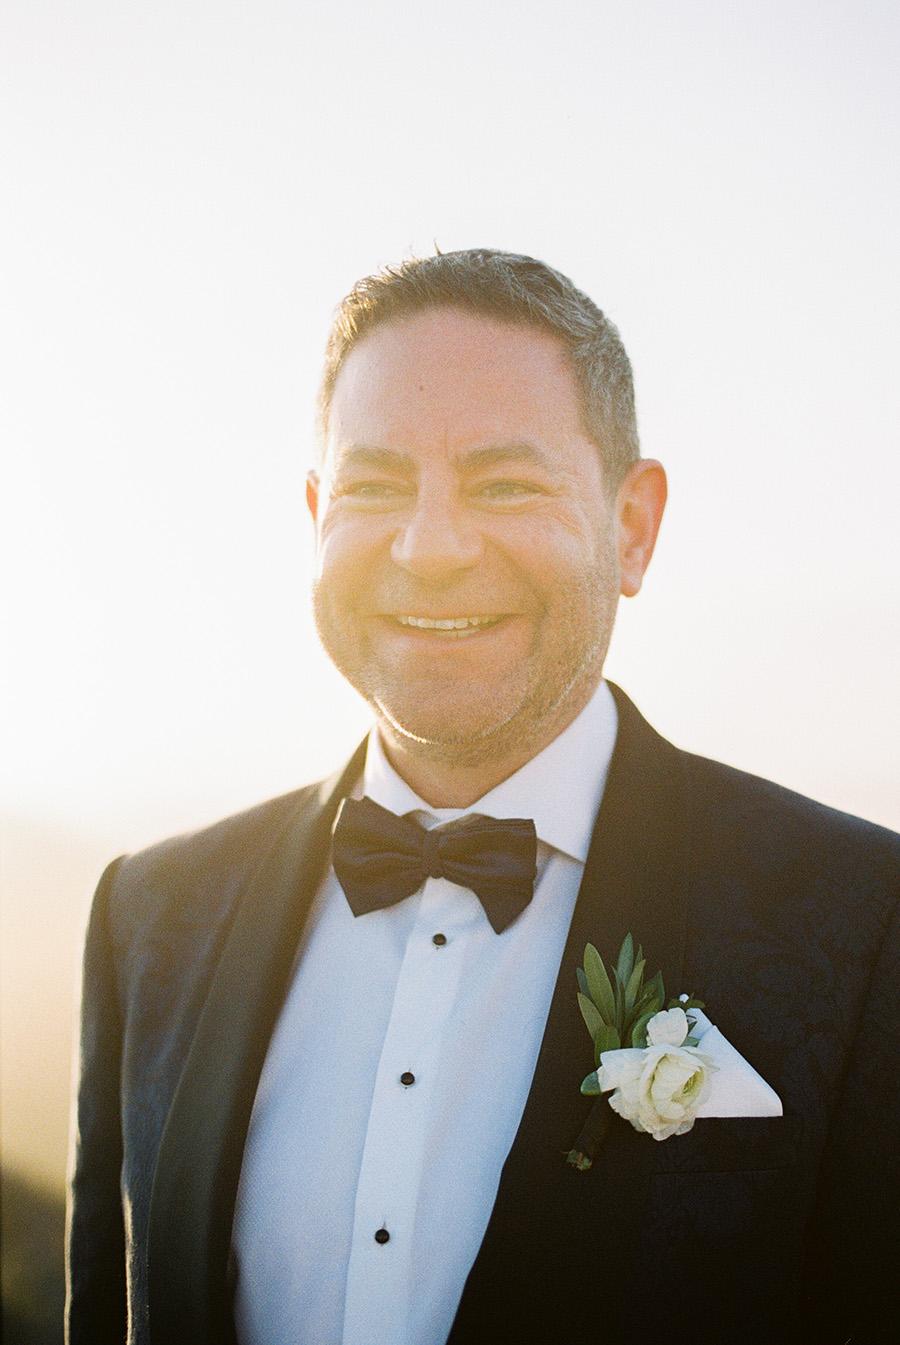 SALLY PINERA_MALIBU ROCKY OAKS WEDDING PHOTOGRAPHY_MALIBU_MARISSA AND PAUL-775.jpg